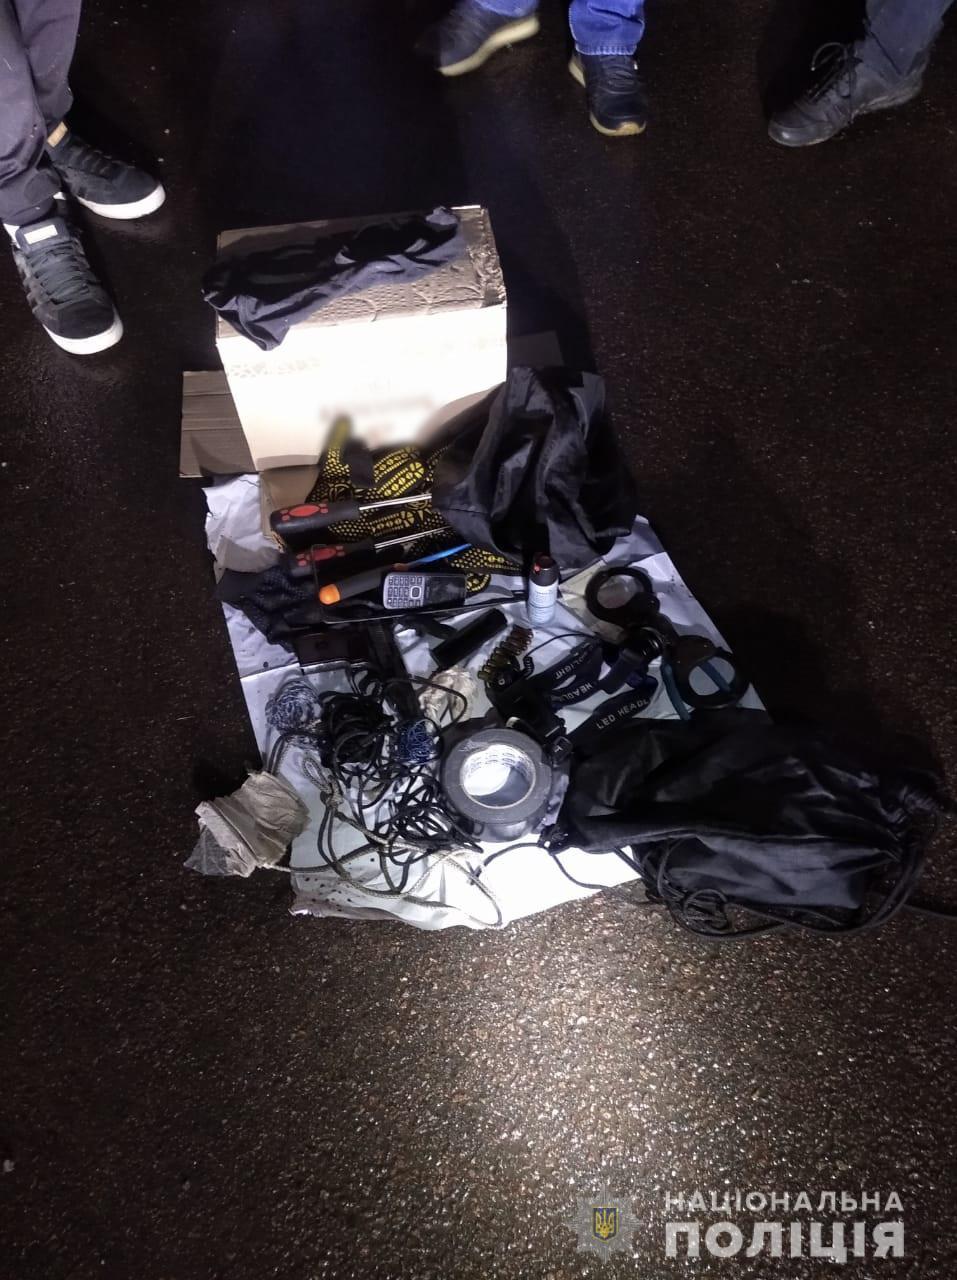 Полиция изъяла оружие и боеприпасы у одессита, приехавшего в Харьковскую область